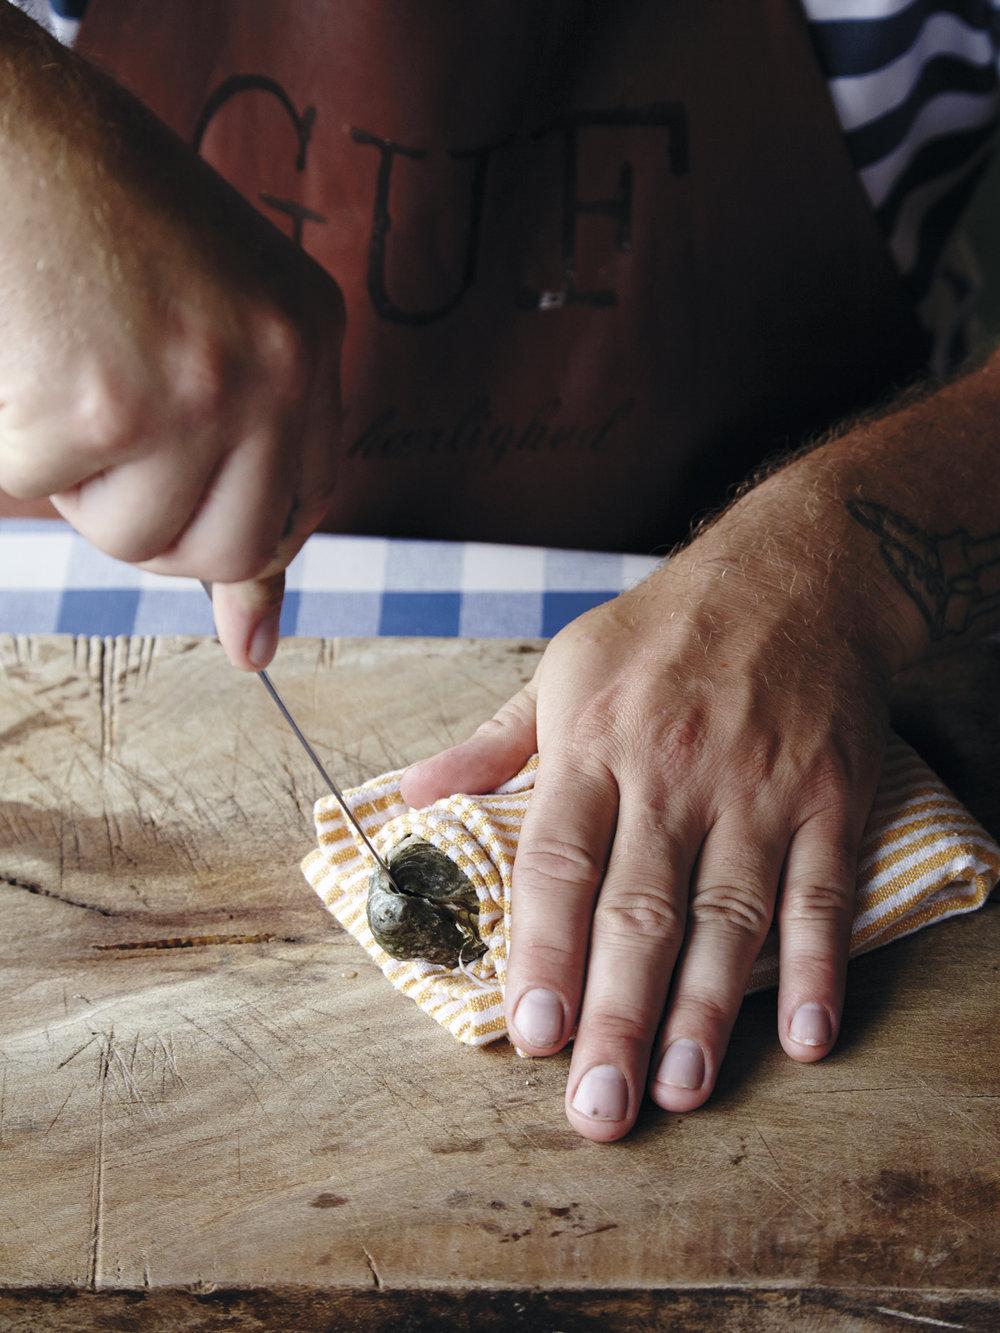 2.  Stikk østerskniven (liten, skarp sak) inn på baksiden av østersen, ved siden av festet, og vrikk fra side til side samtidig med at du presser inn. Gjør dette til du hører et slags klikk.